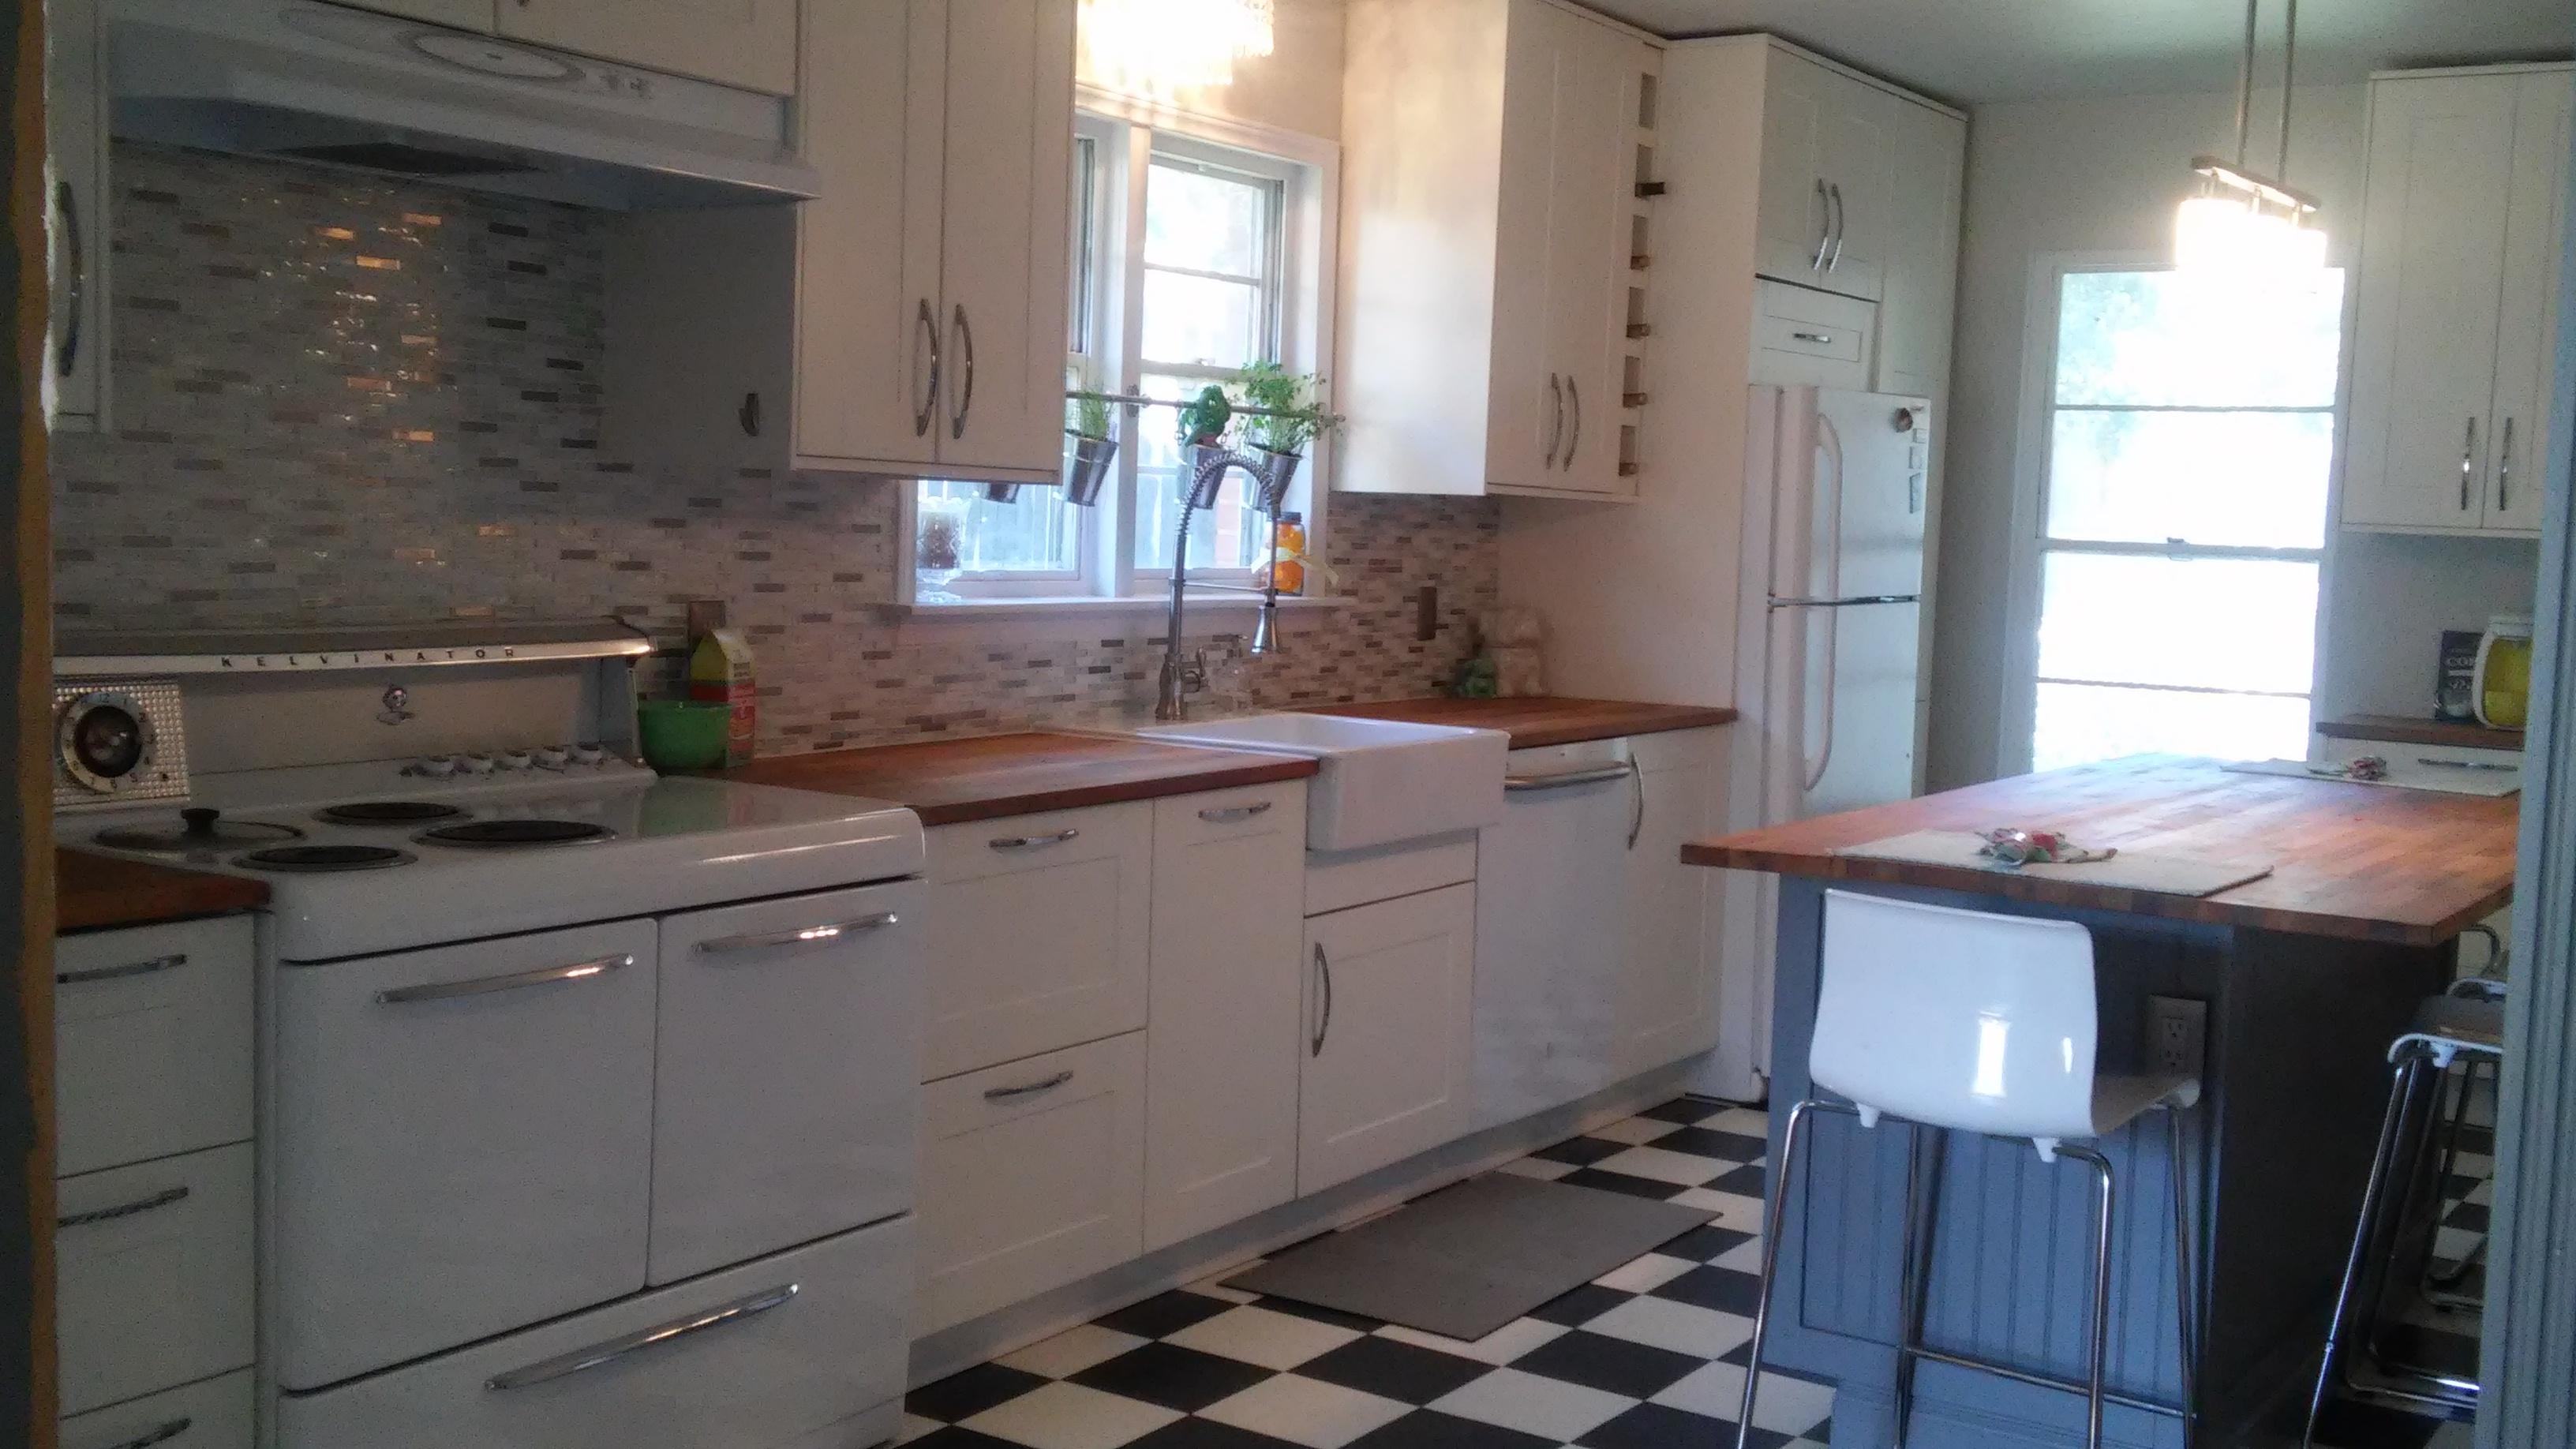 Fullsize Of Corner Stoves In Kitchens